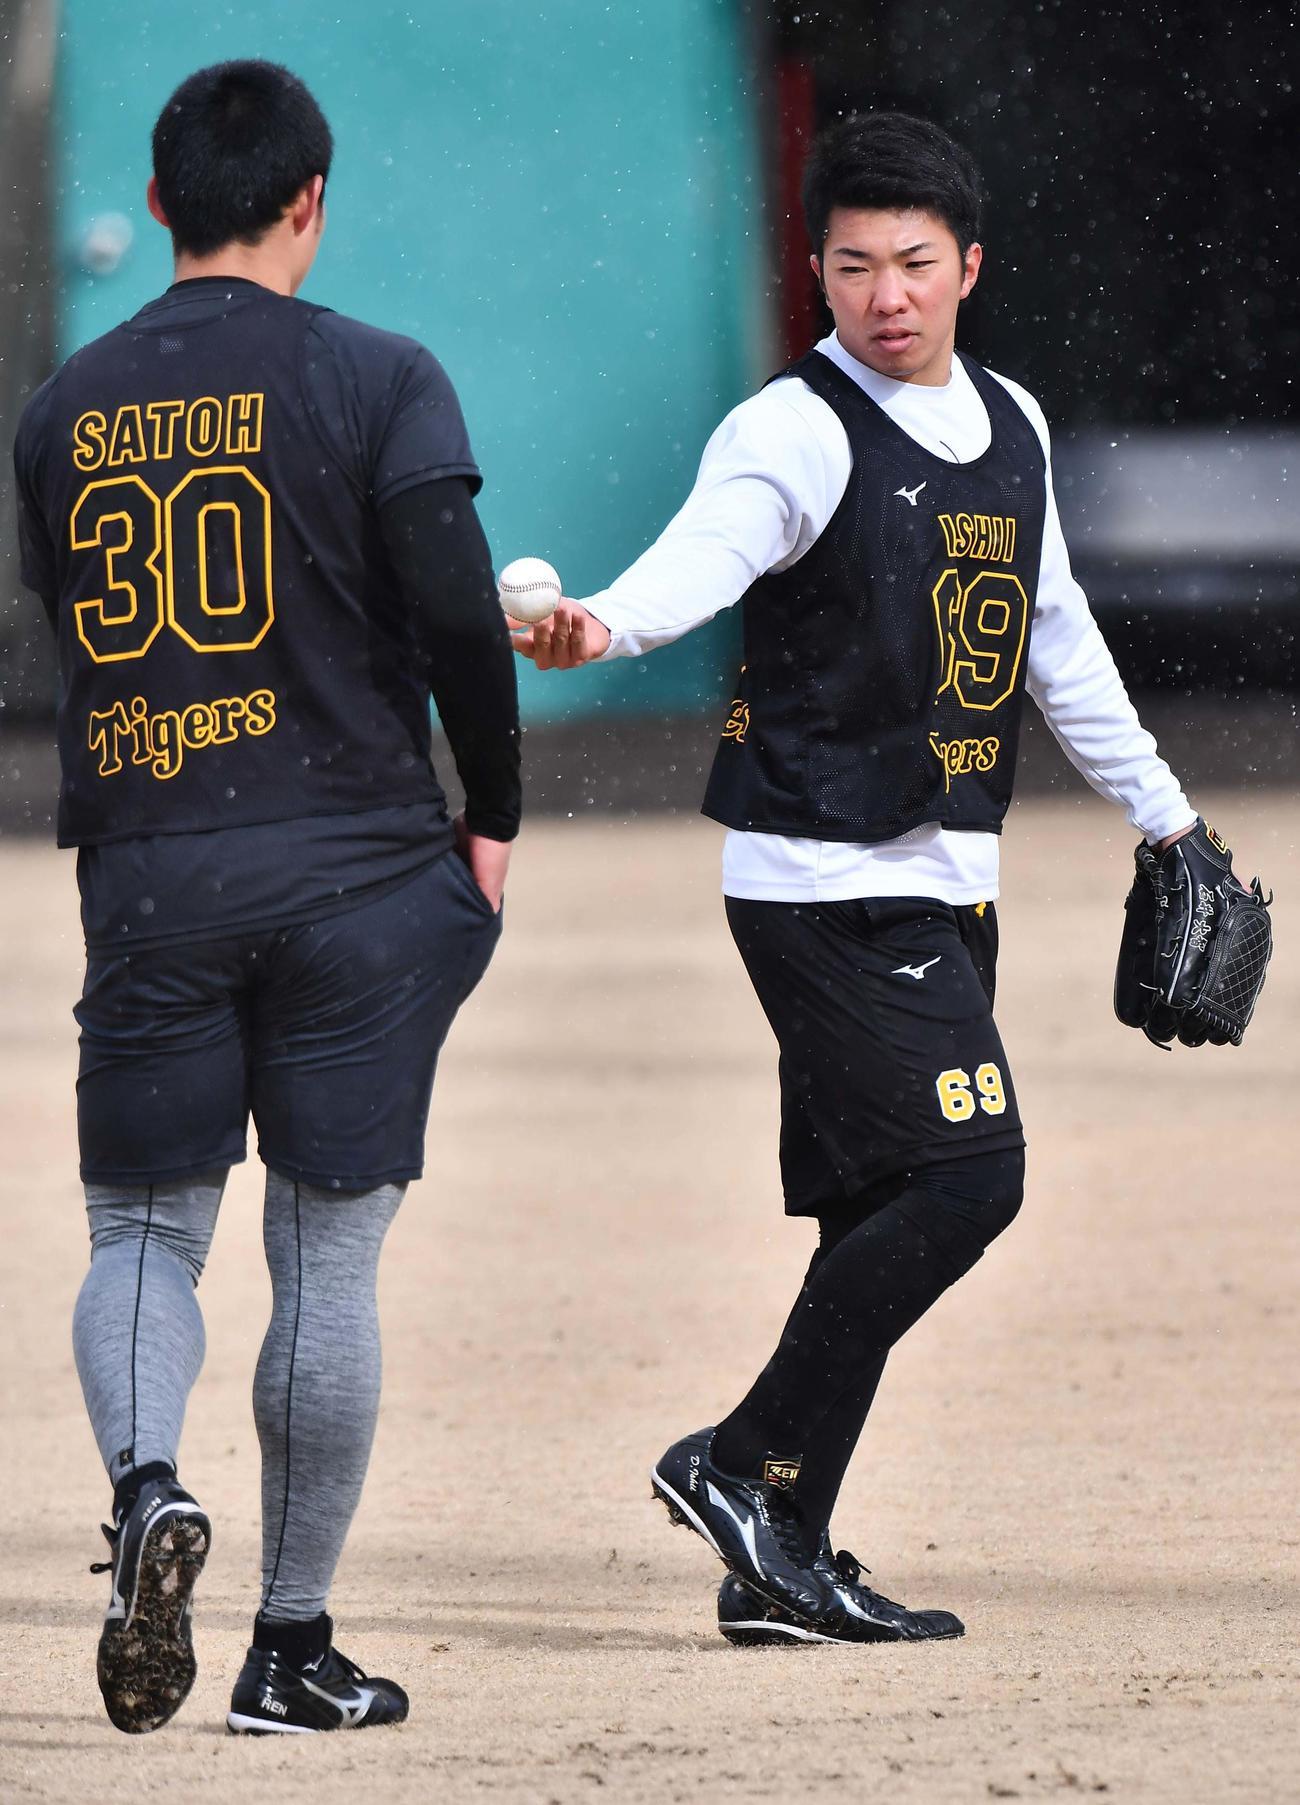 阪神佐藤蓮(左)にボールを渡し先にブルペンに入る石井大智(代表撮影)